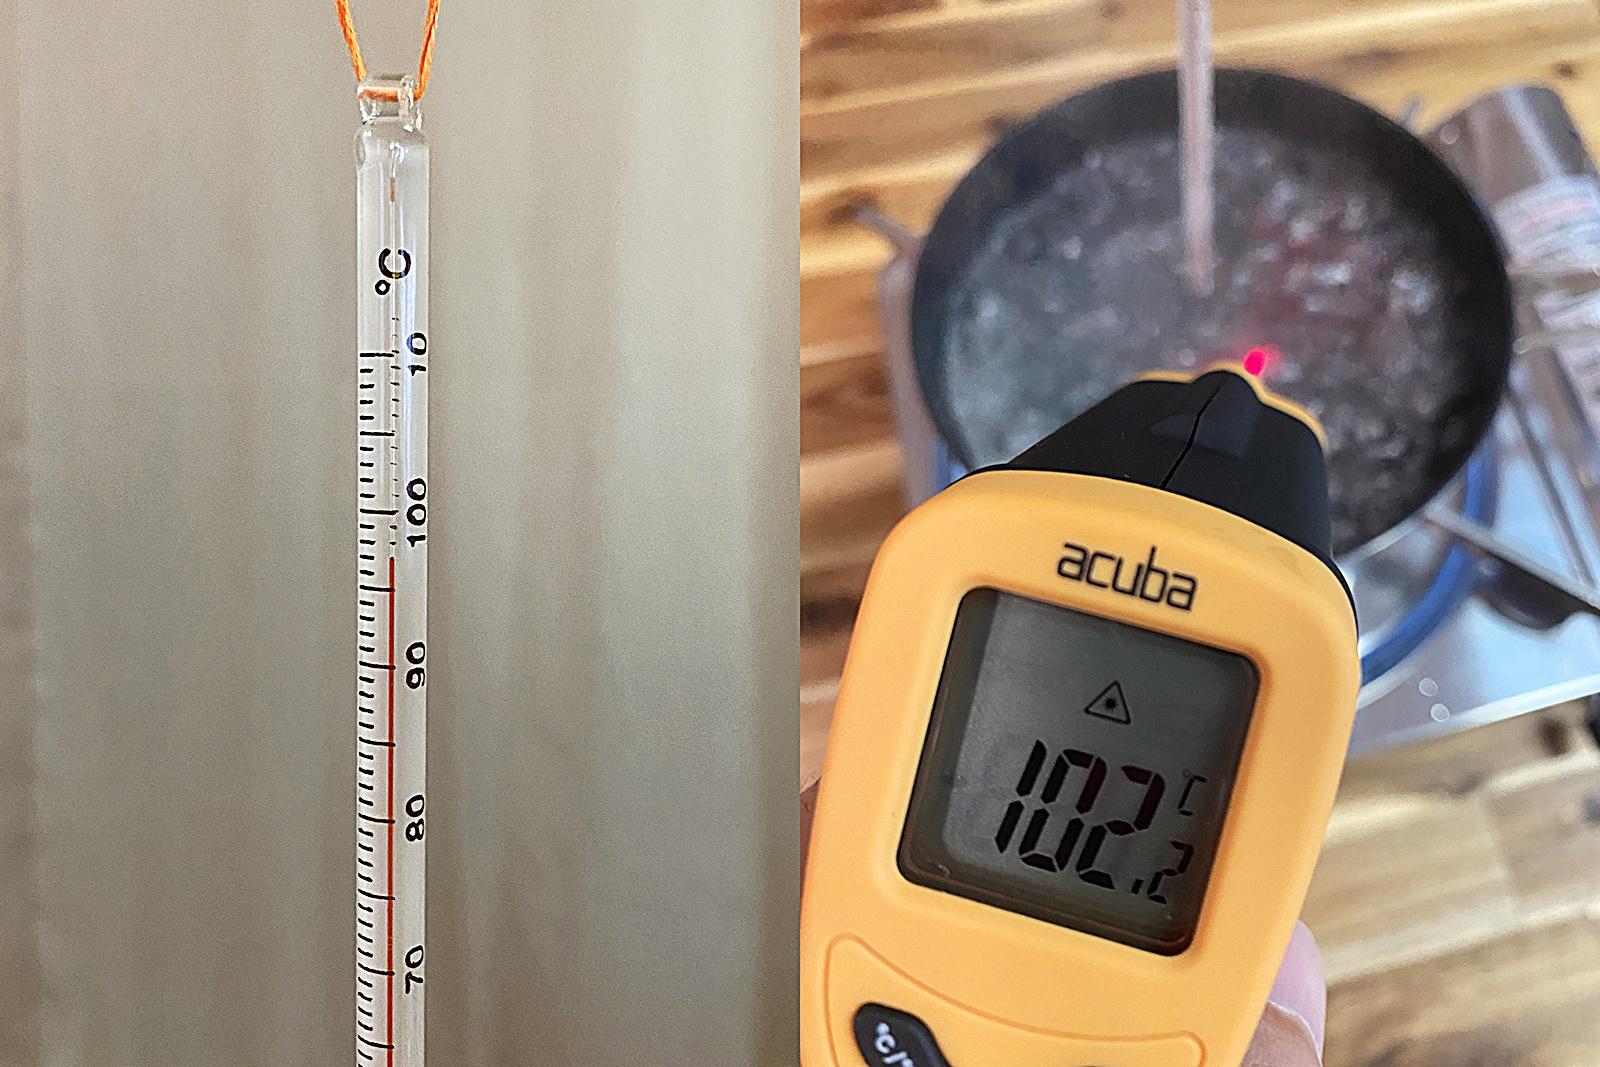 검은색 코팅 냄비 물 끓이며 온도계 비교 실험 4